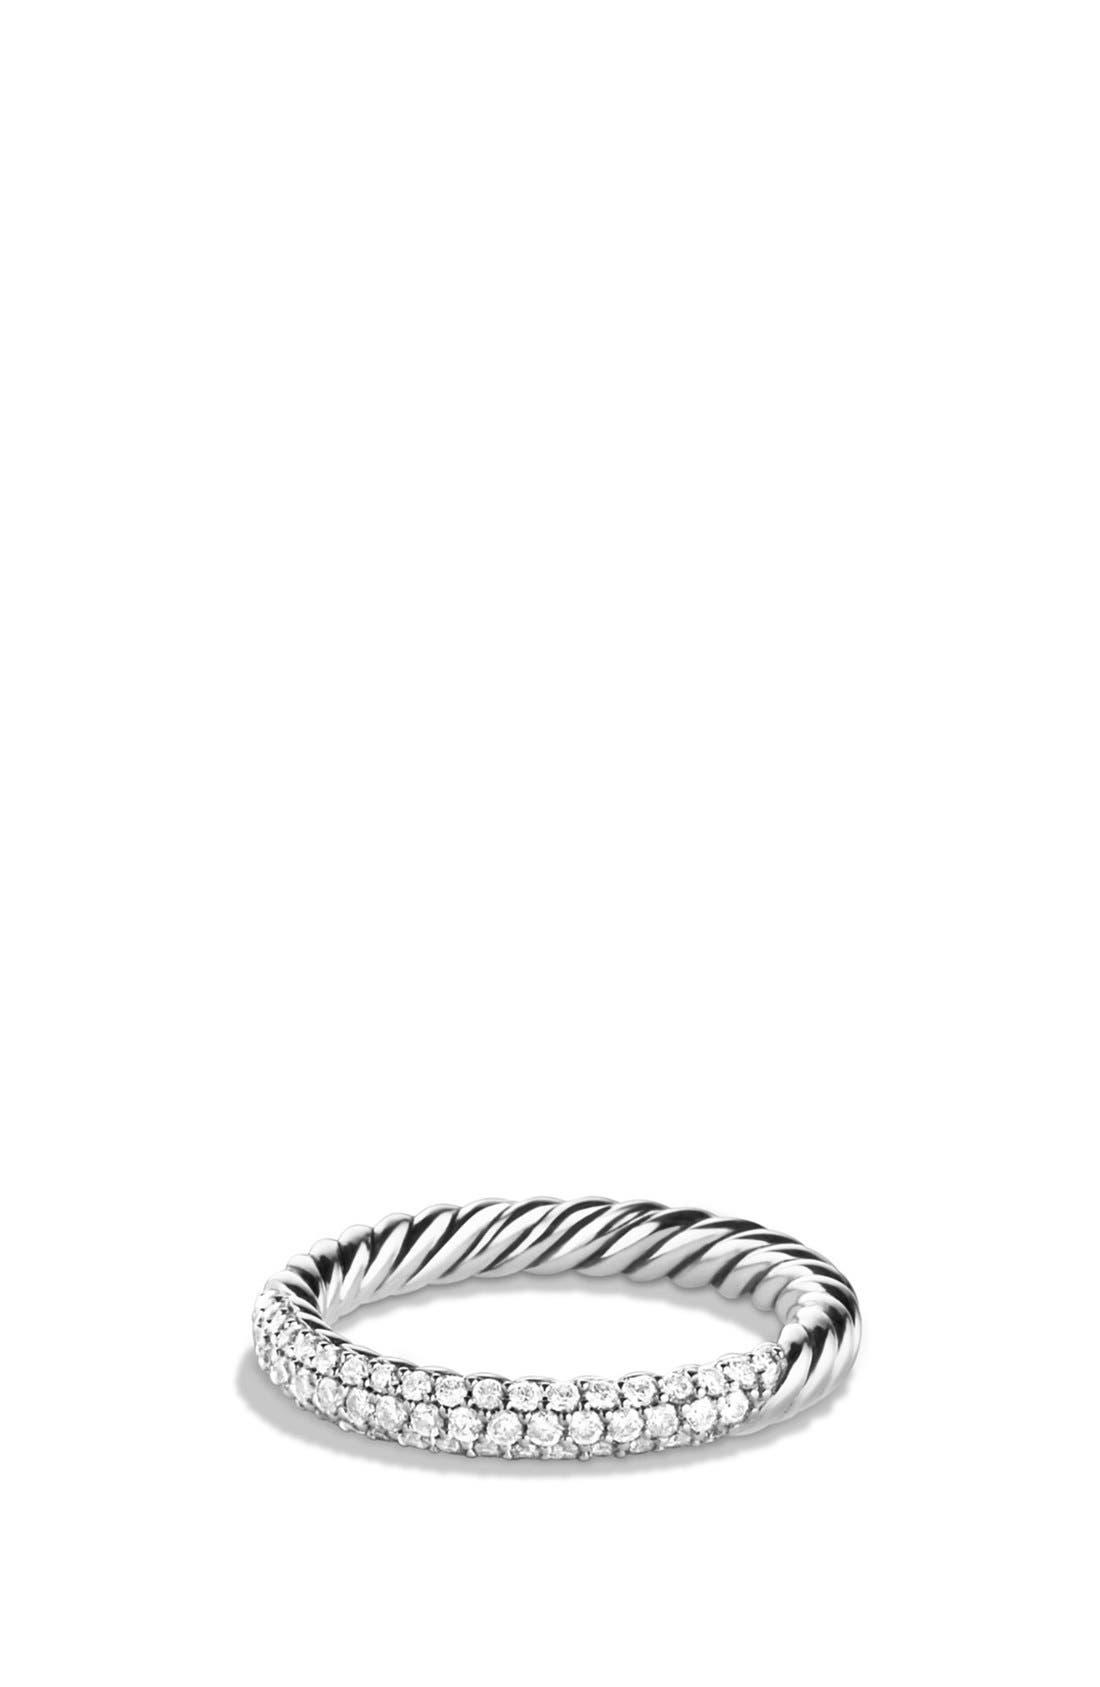 Main Image - David Yurman 'Petite' Pavé Ring with Diamonds